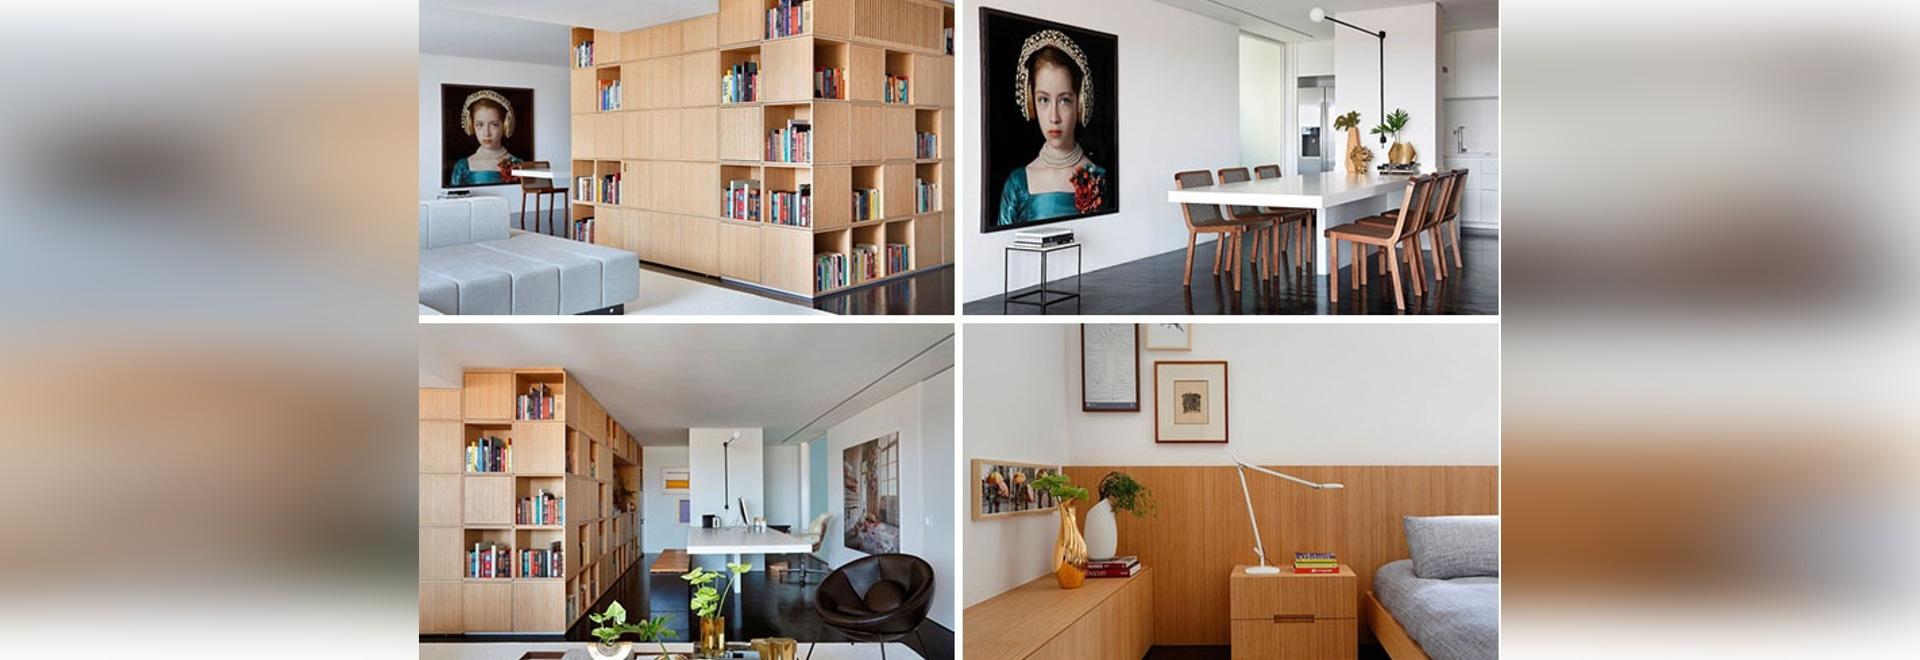 Un estante para libros central oculta la entrada en este apartamento